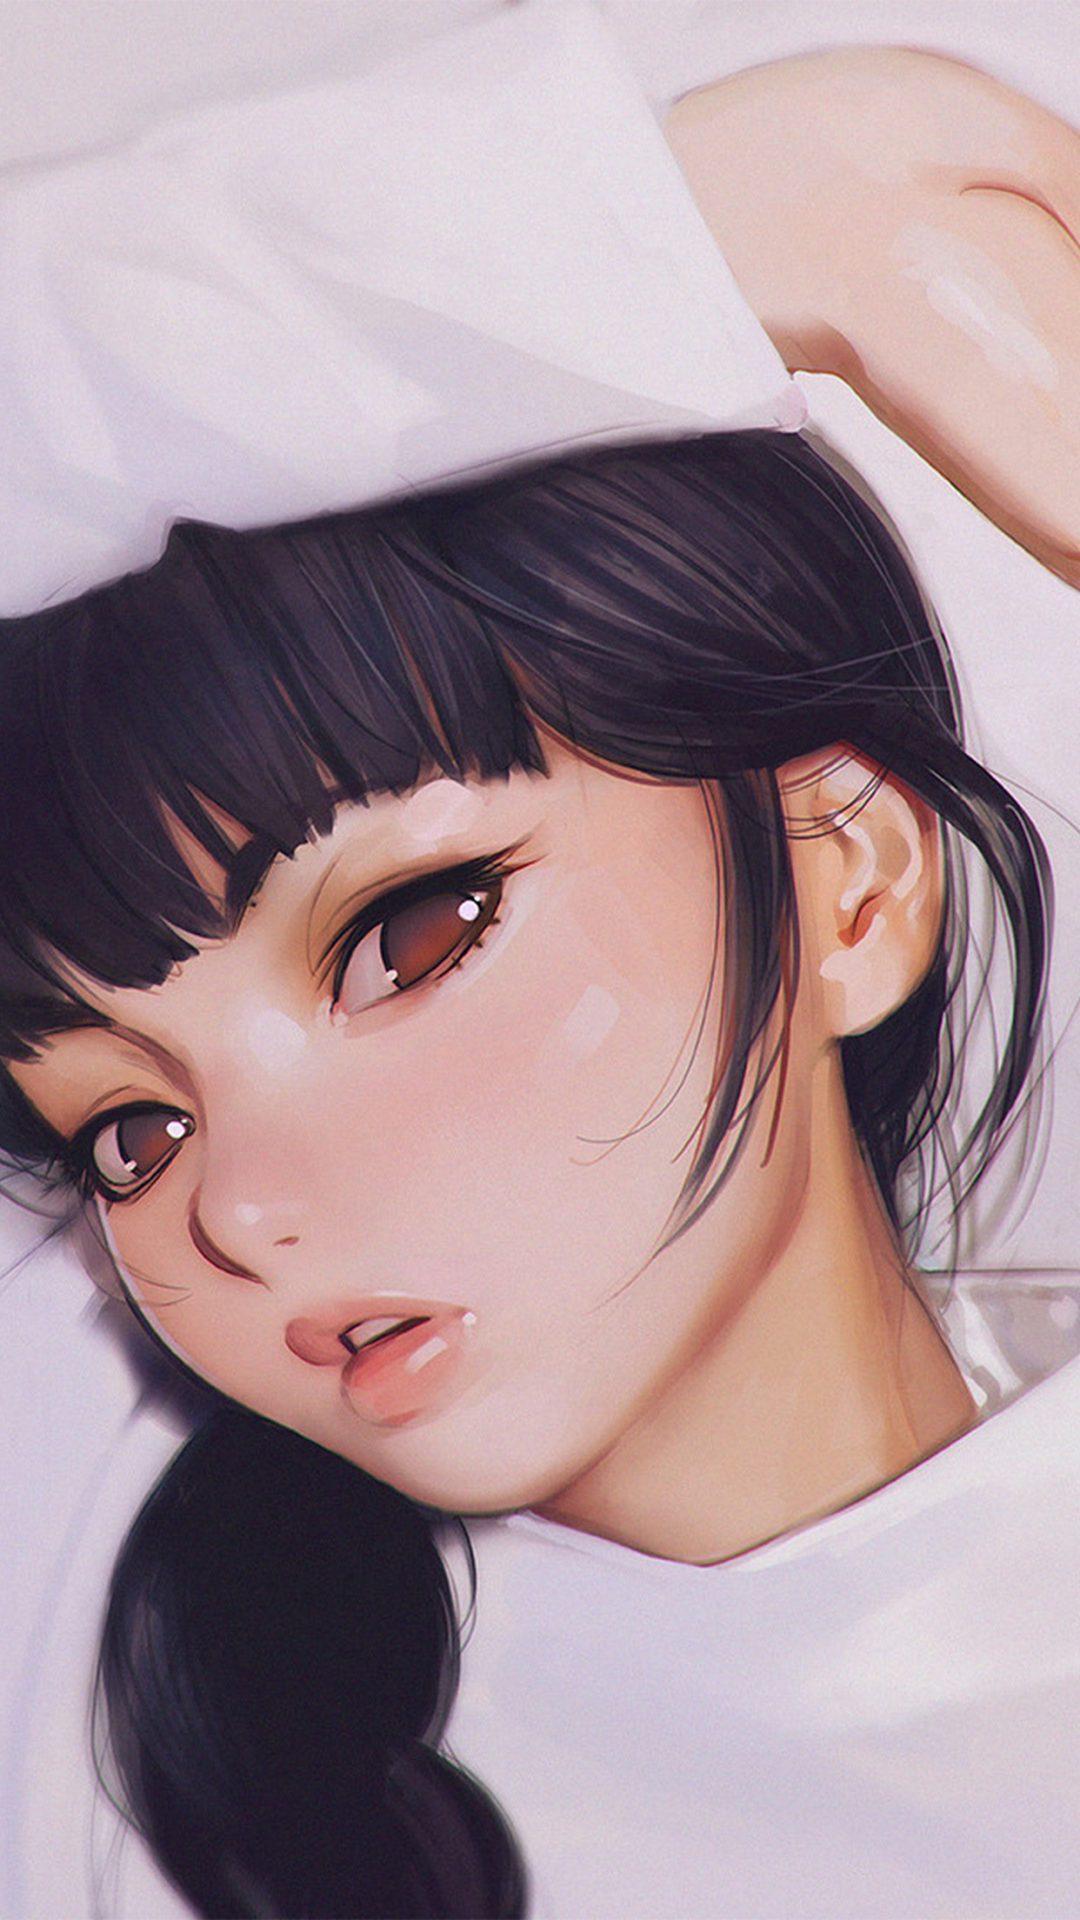 Ilya Kuvshinov Anime Girl Shy Cute Illustration Art